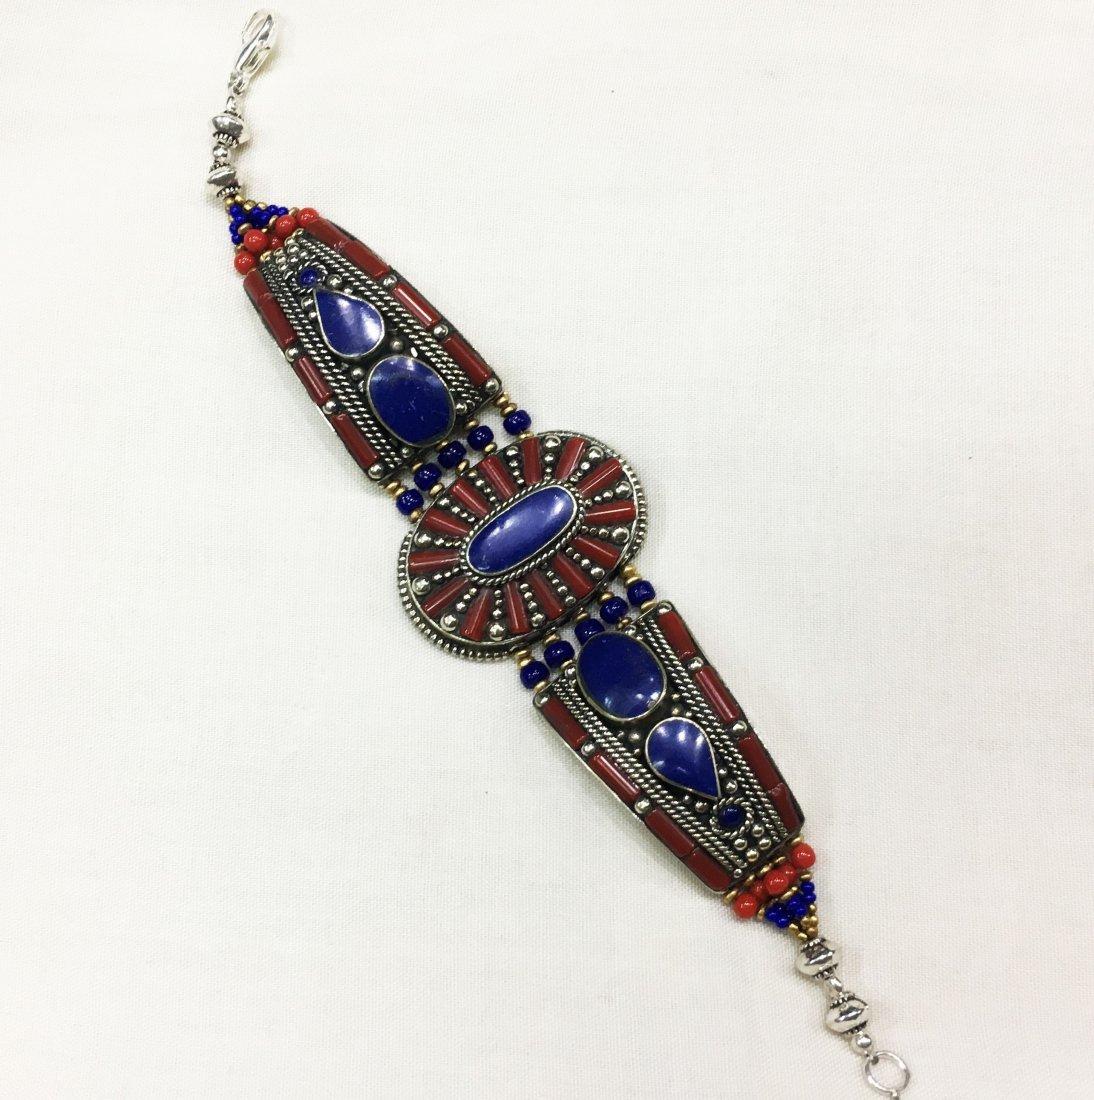 Exquisite Vintage Tibetan Handmade Bracelet